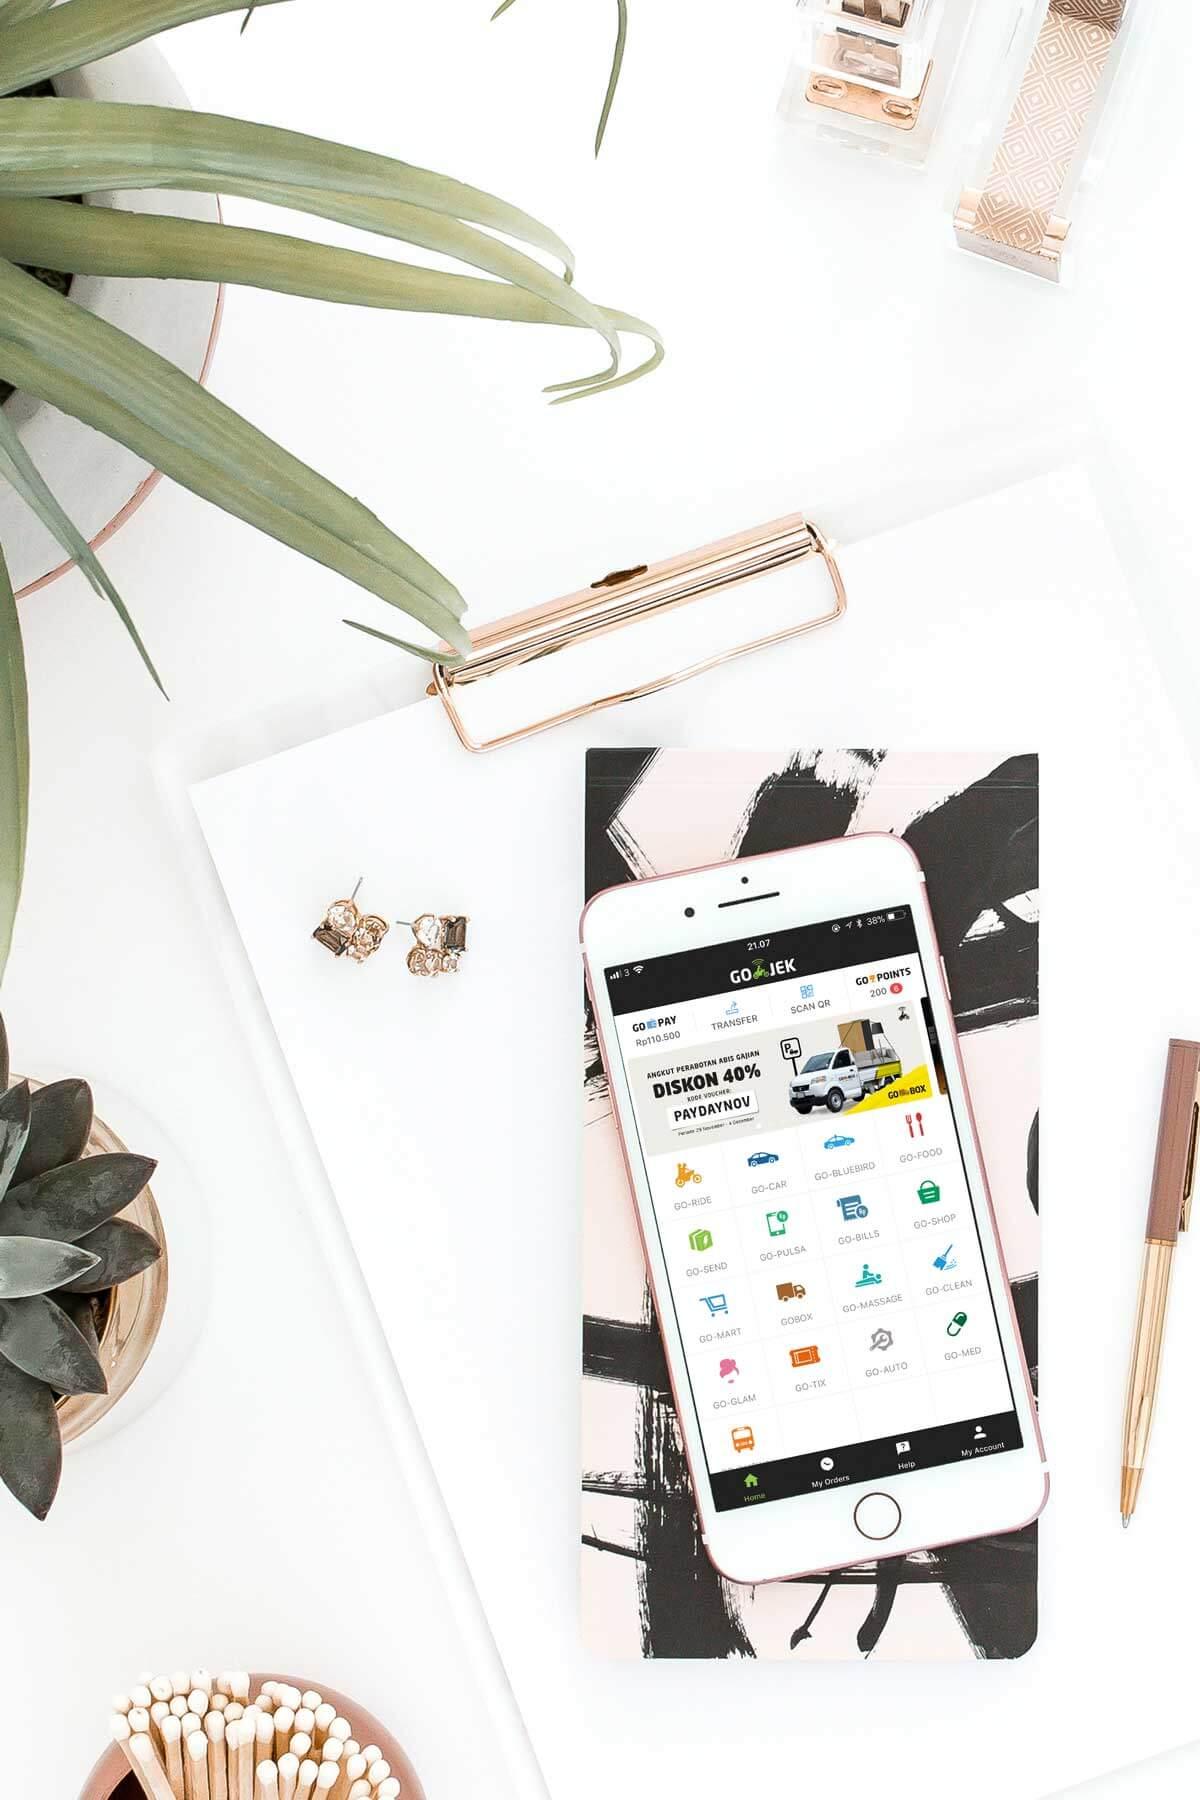 Jasa Pengiriman Dokumen Kantor dengan Layanan Go-Send dari Gojek